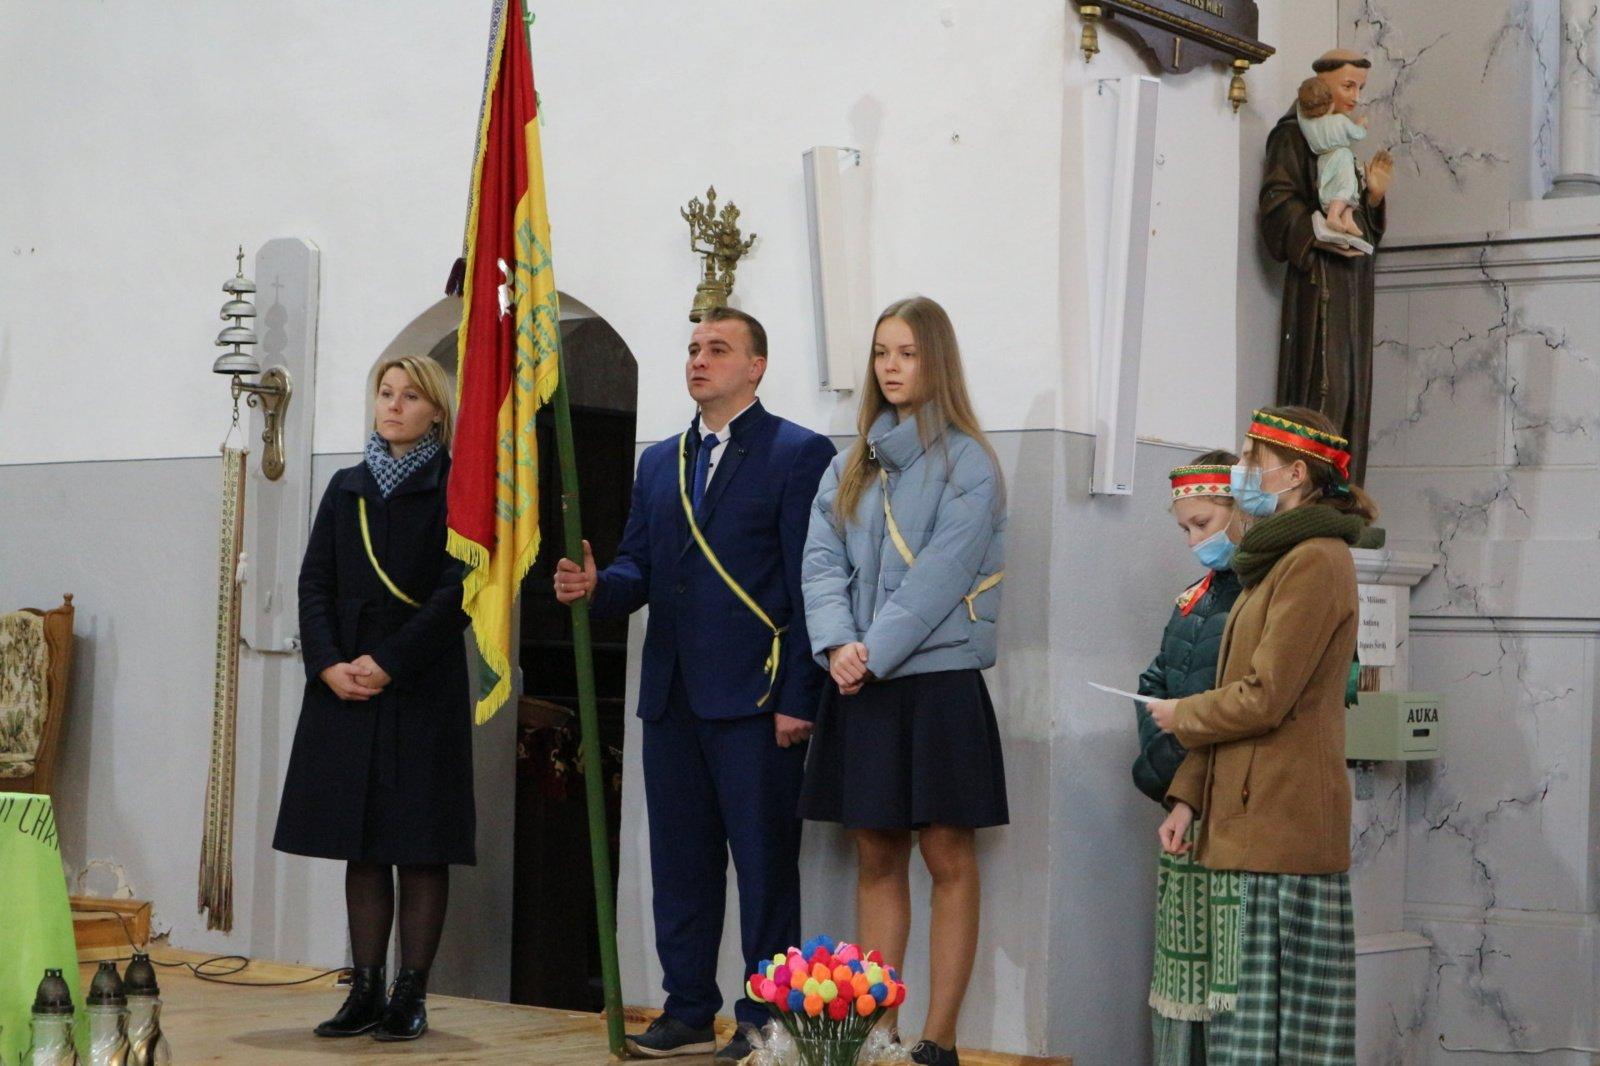 Ketvirtis amžiaus su ateitininkų vėliava